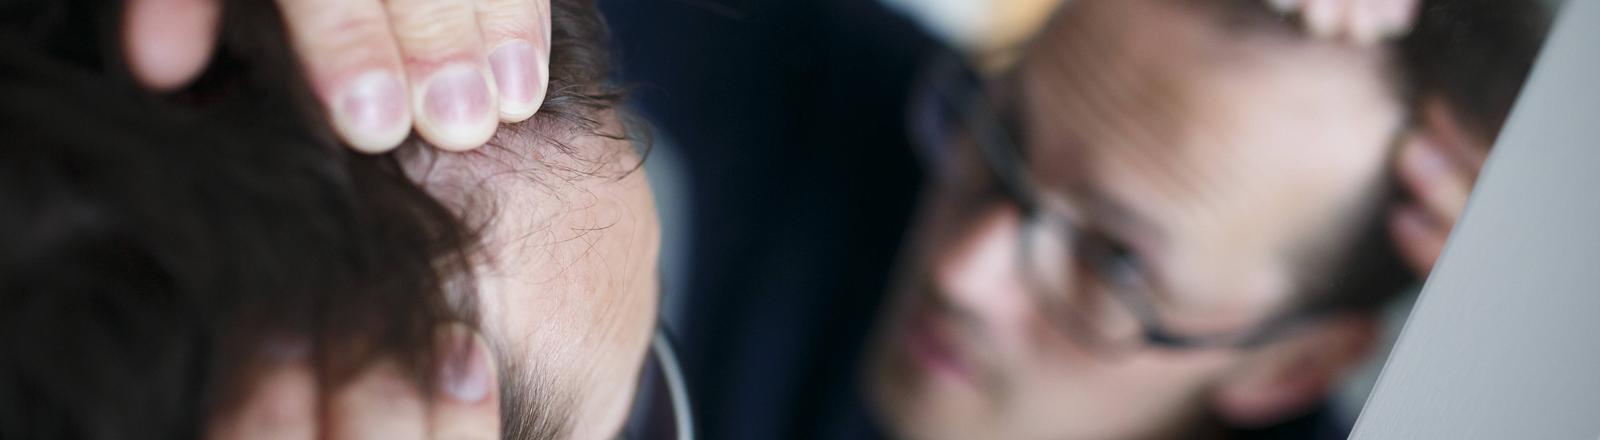 Gestelltes Symbolbild zum Thema Haarausfall. Ein Mann betrachtet seinen Haaransatz im Spiegel.